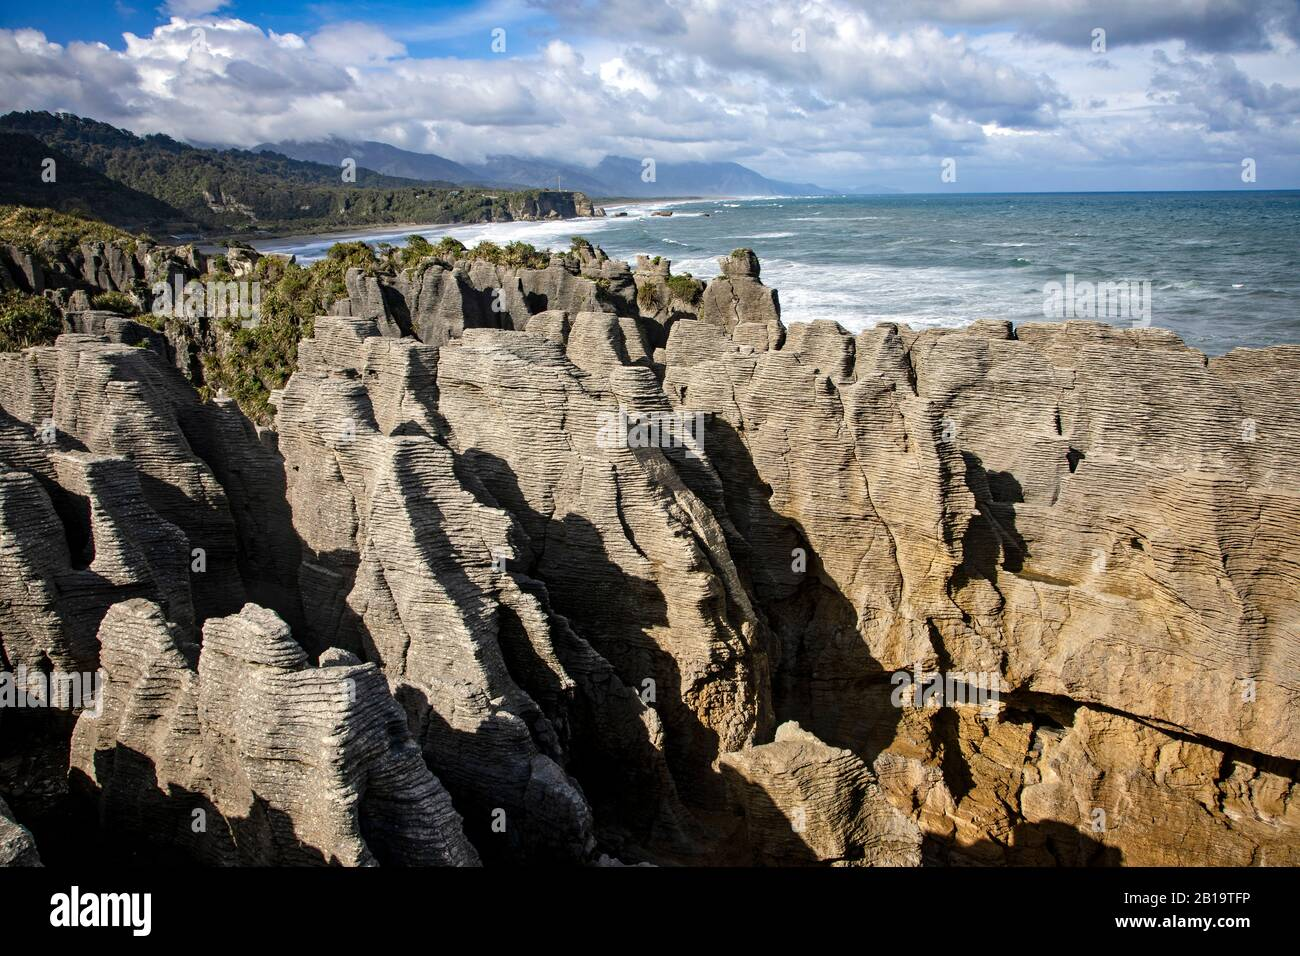 Las rocas Pancake se elevan a lo largo de la región de la costa oeste de la Isla del Sur, Nueva Zelanda. Foto de stock